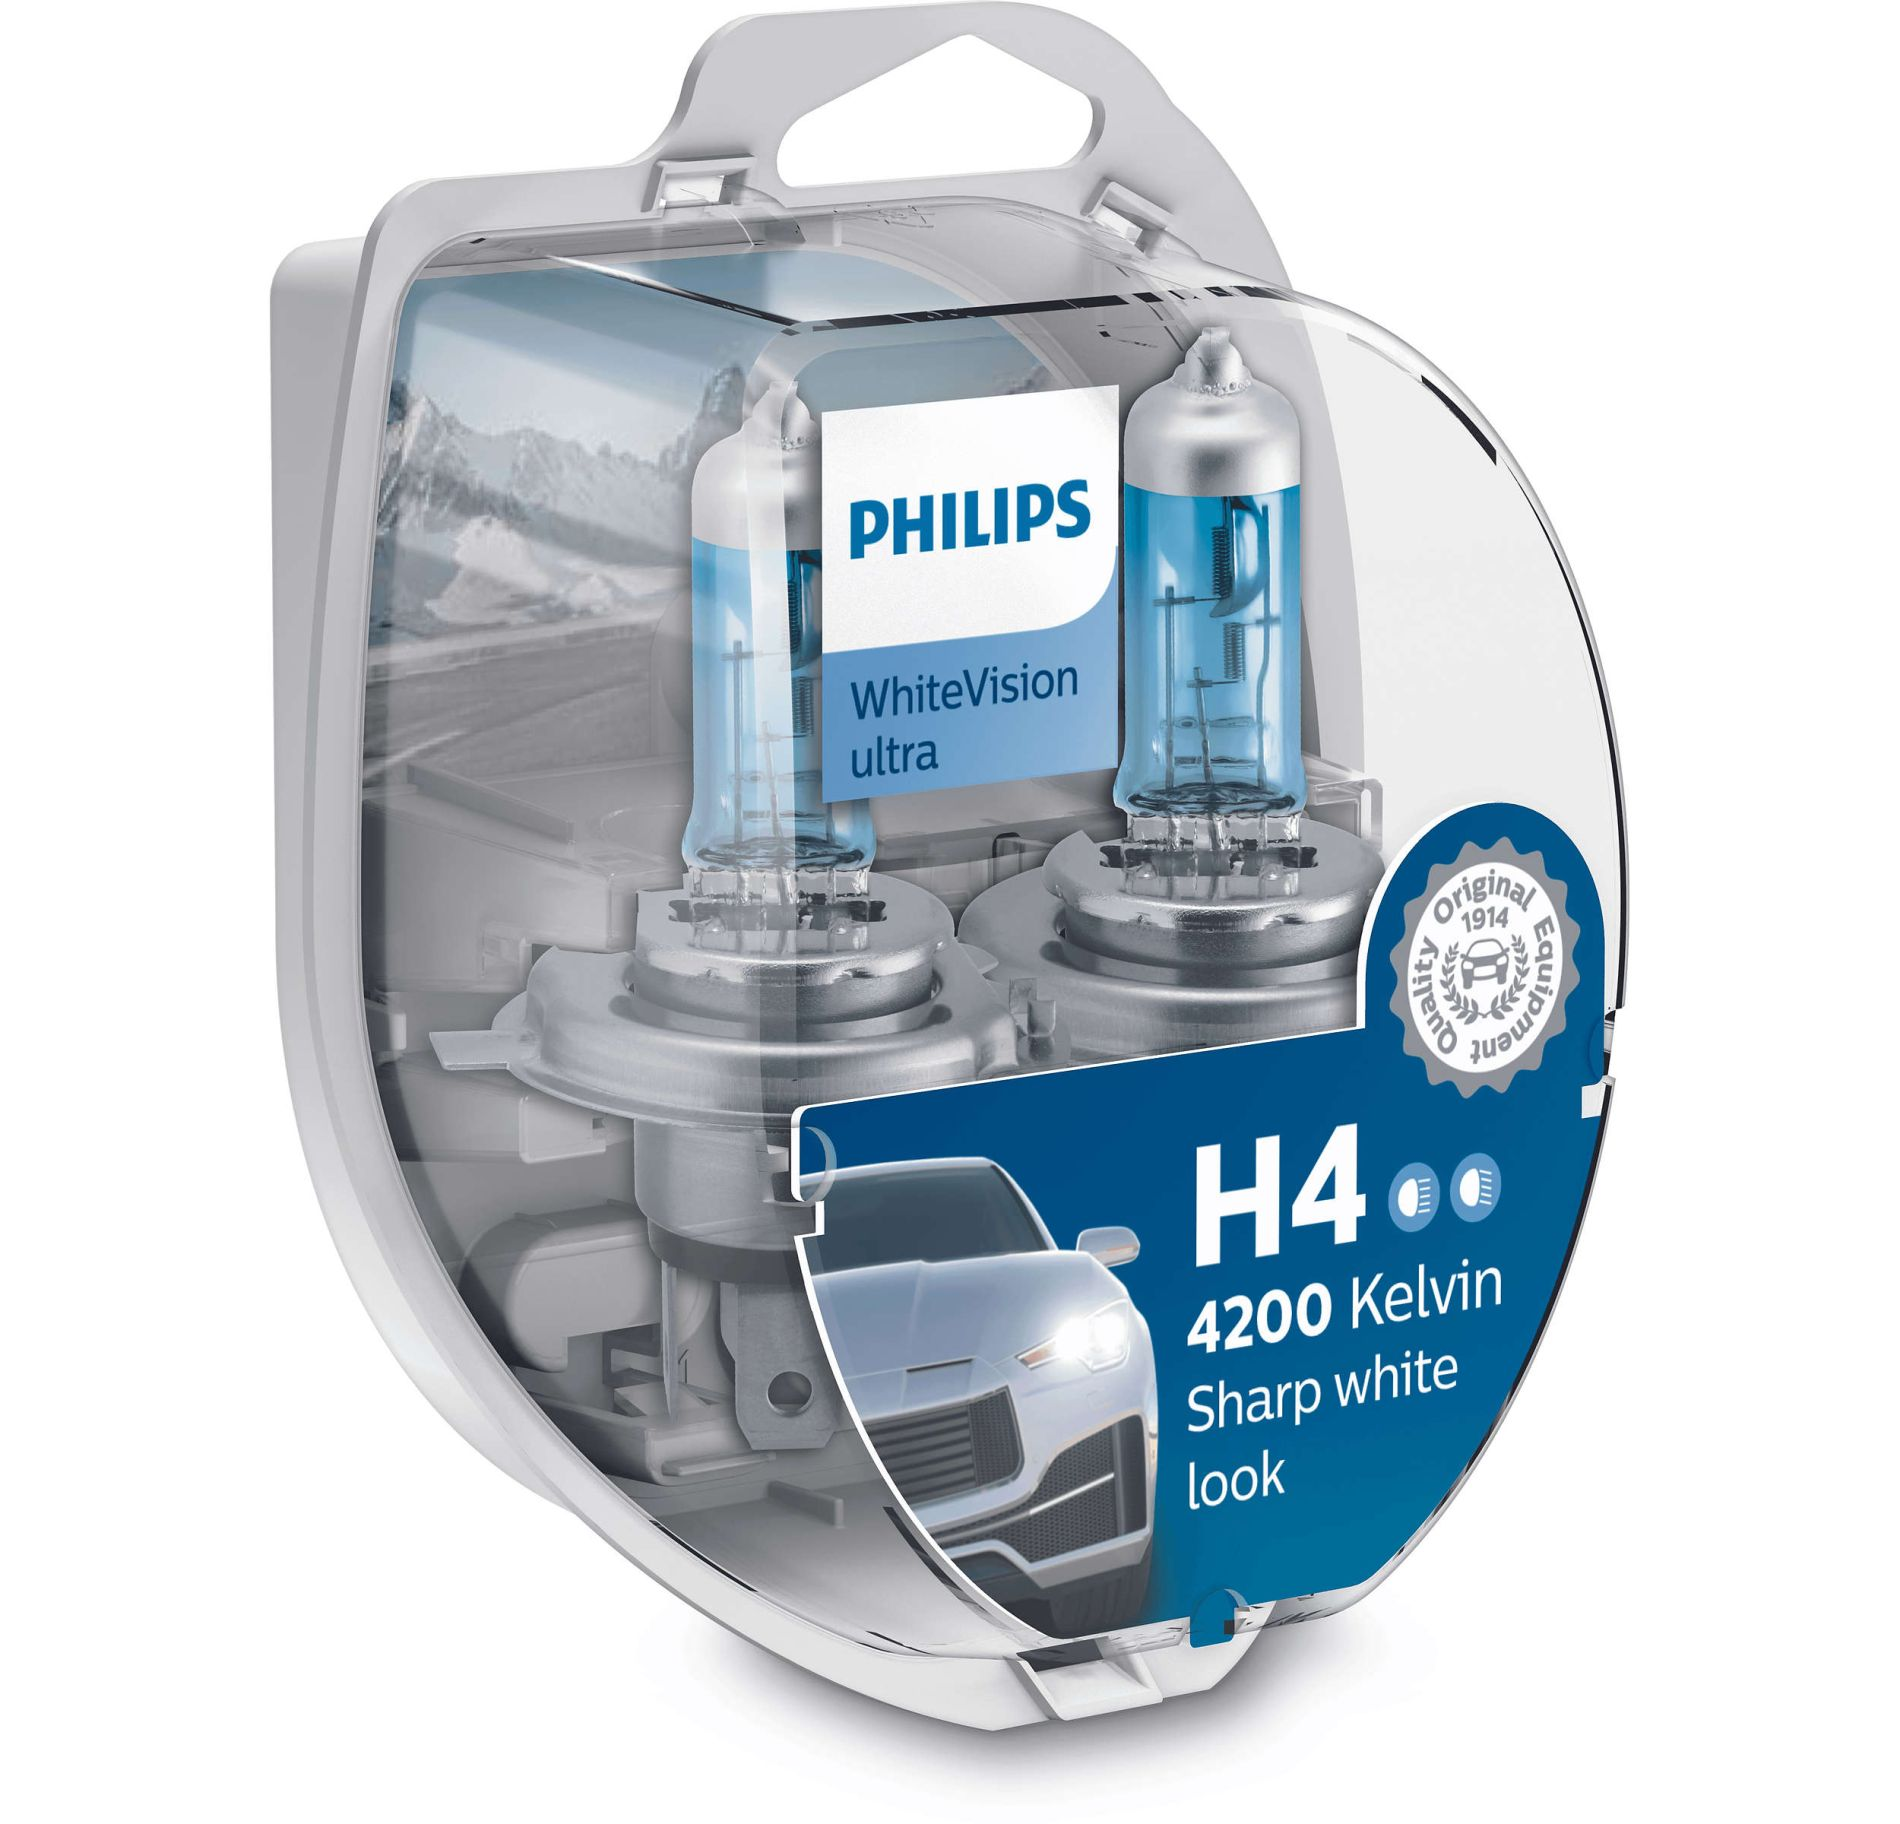 Philips WhiteVision ultra 12342WVUSM H4 P43t-38 12V 60/55W 2ks blistr